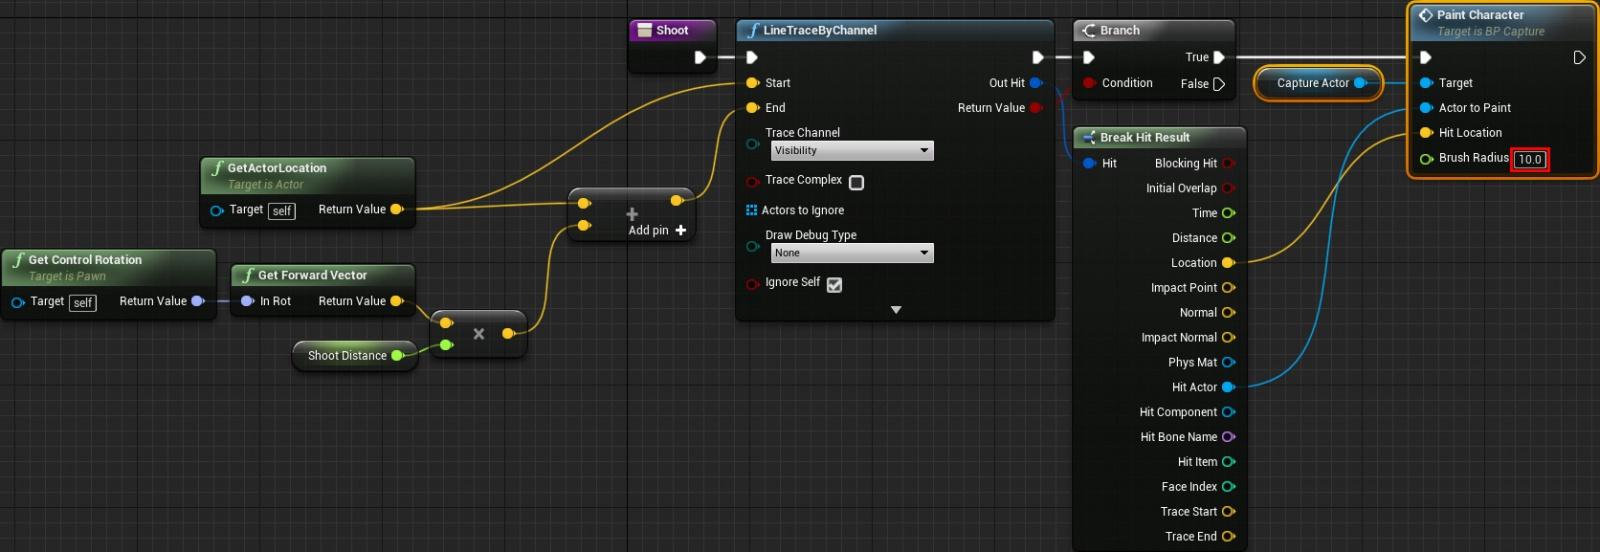 Динамическое рисование по мешу в Unreal Engine 4 - 16